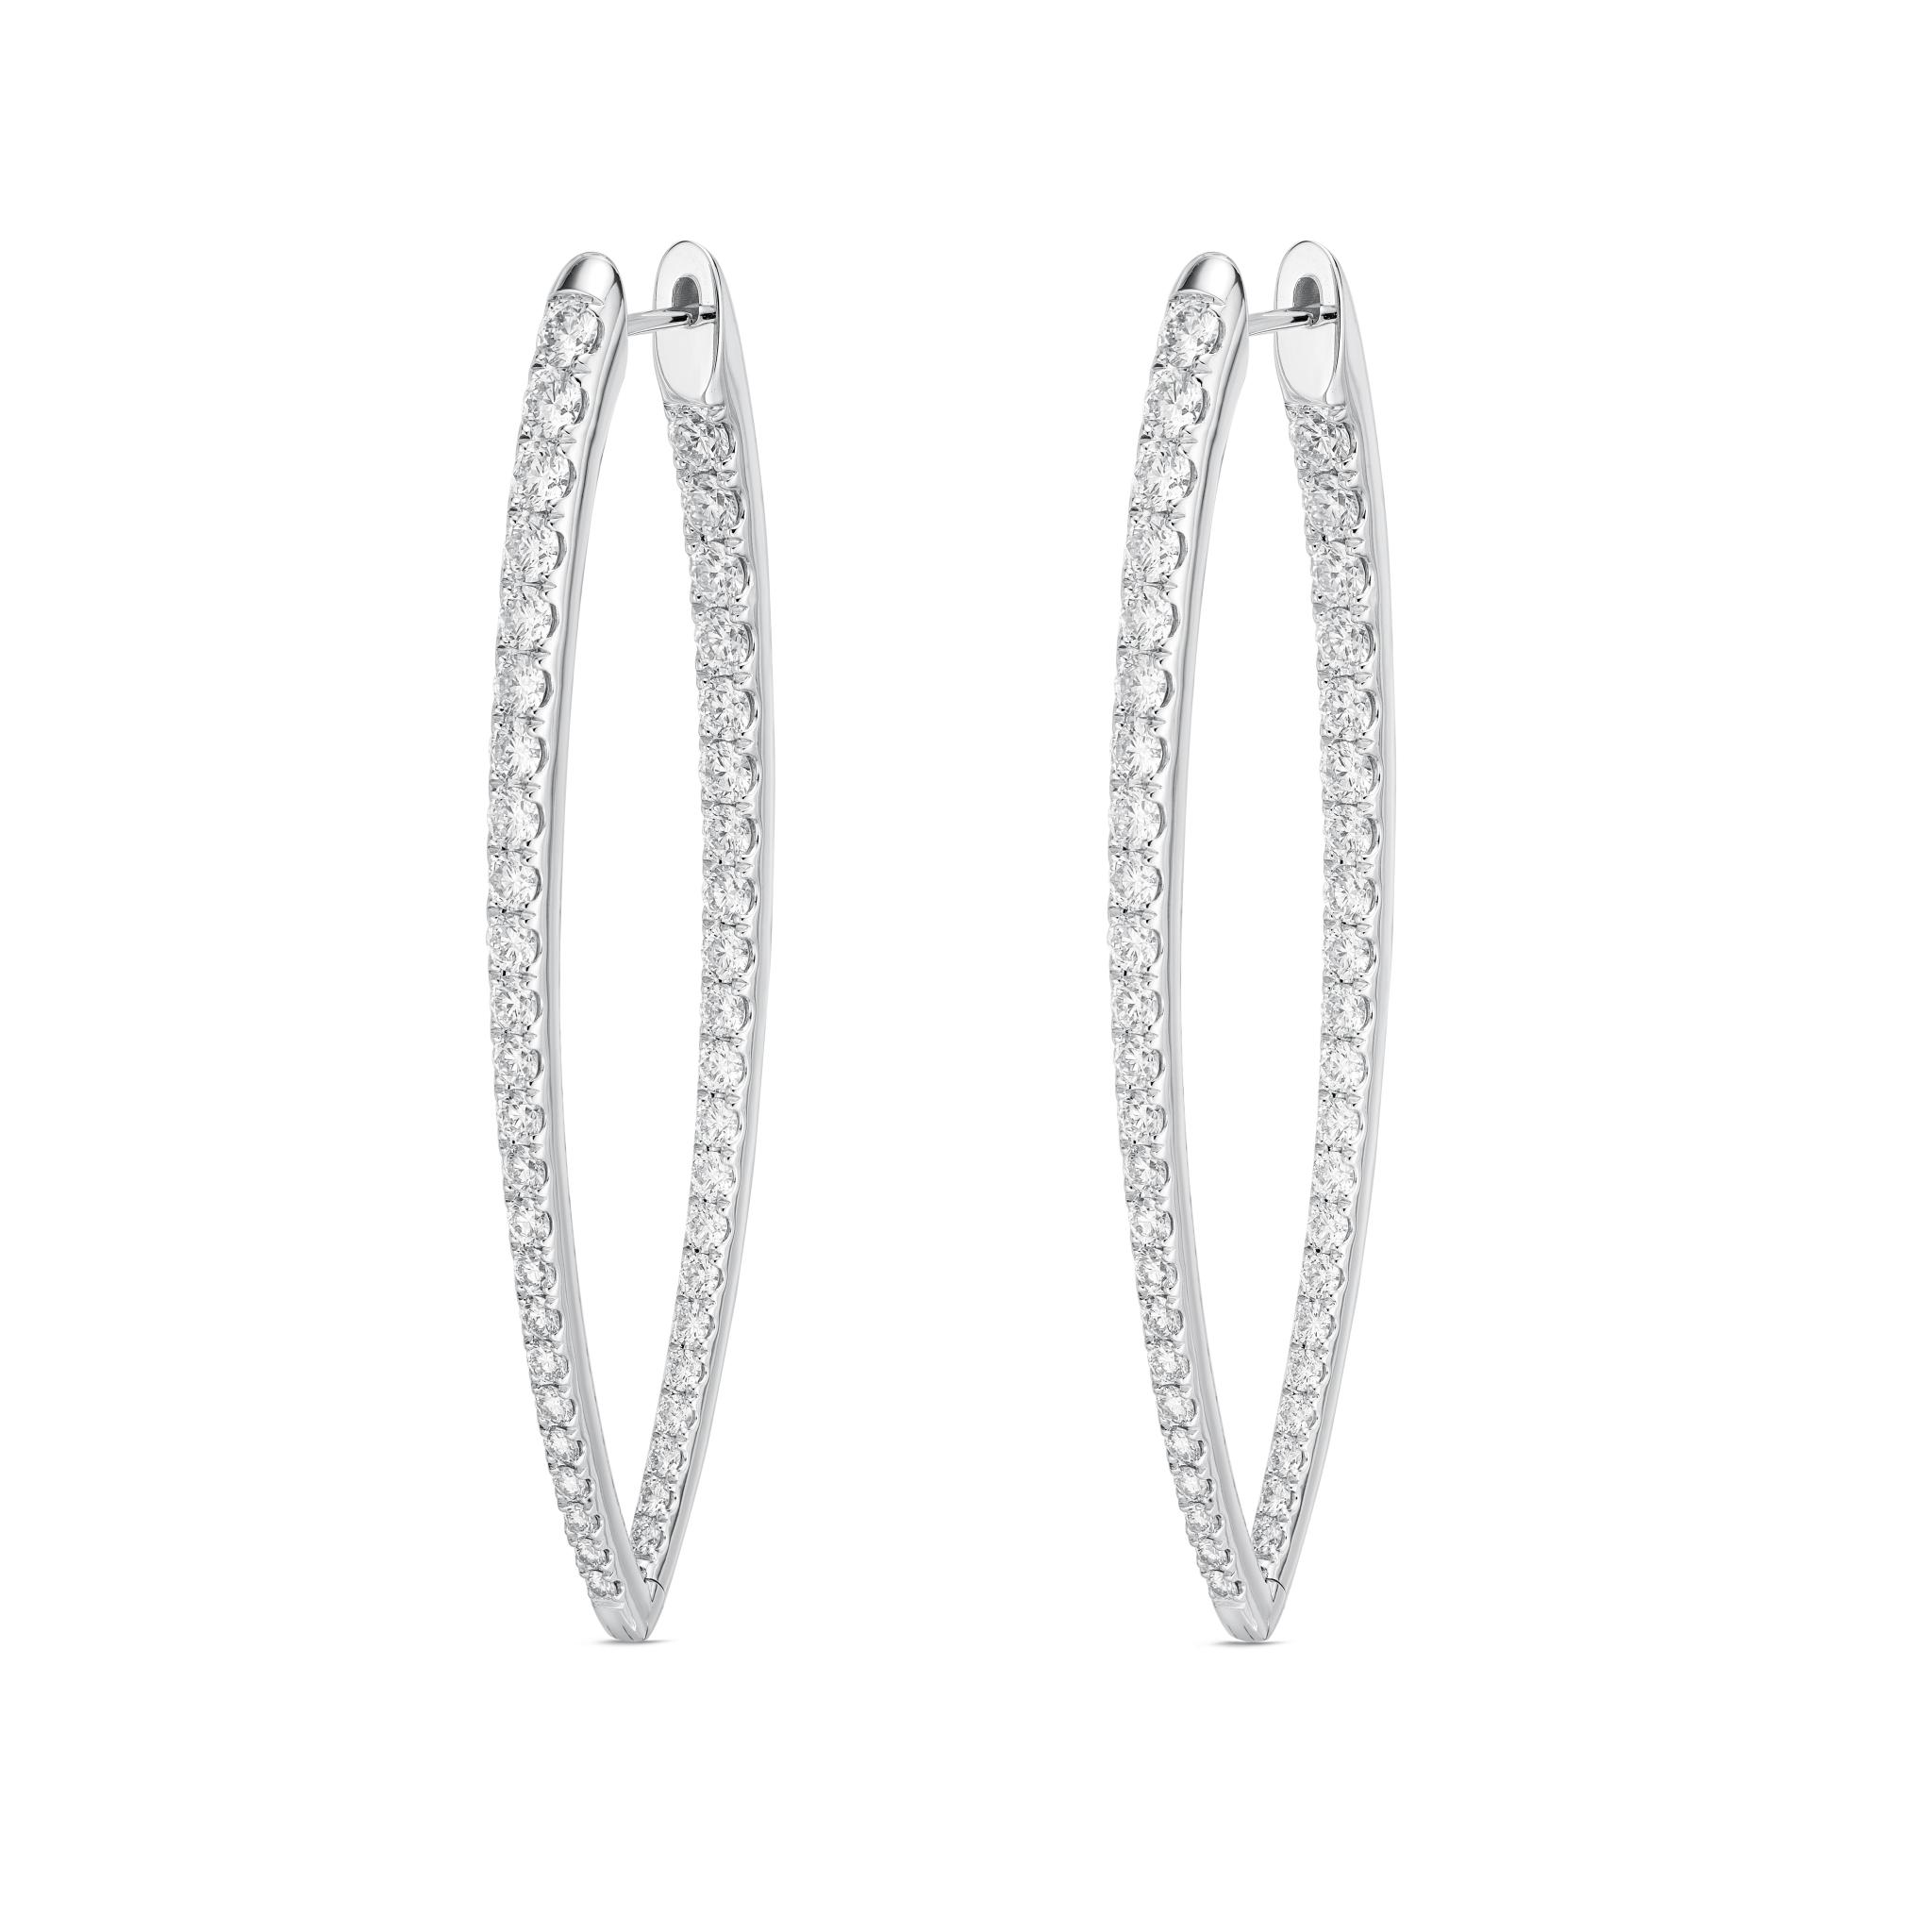 Memoire 18ct White Gold 3.30 Carat Diamond Imperial Hoop Earrings 55X19mm